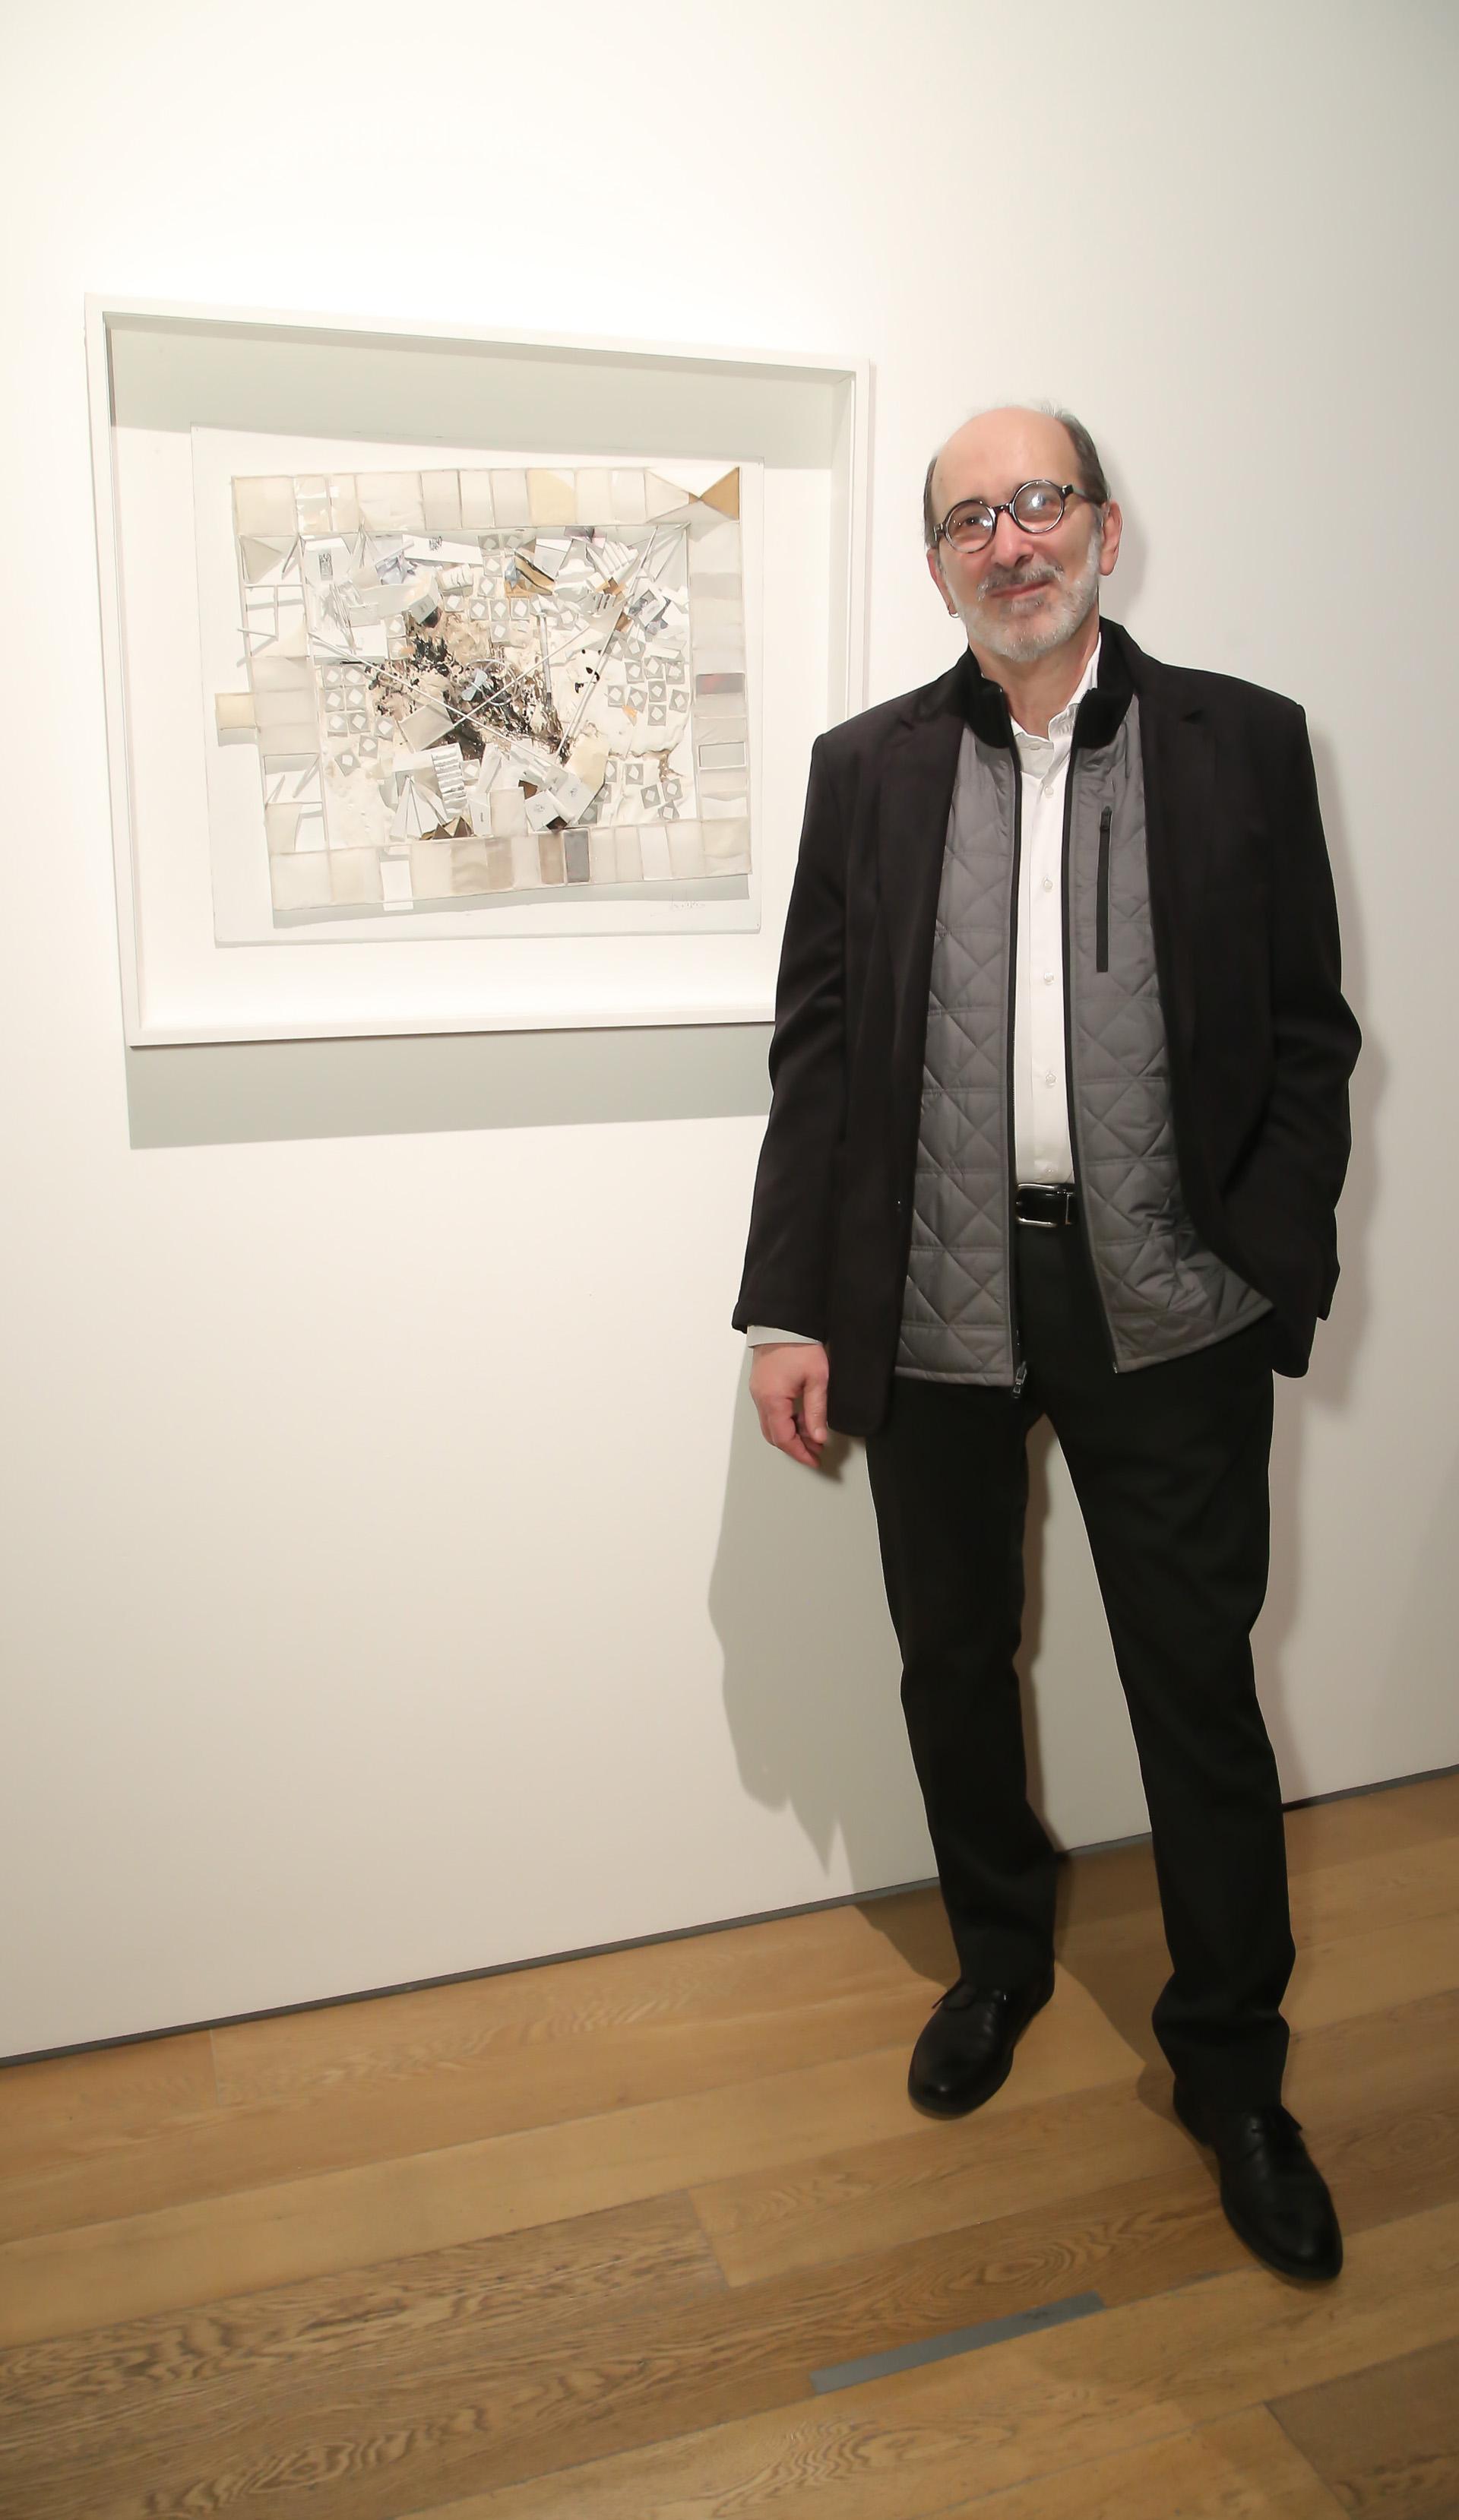 """El artista Uri Negvi y su obra """"Punto Final"""", donde transformó su mirada en Google Maps, para encontrar en un patio restos de materiales médicos abandonados por la drogadicción"""